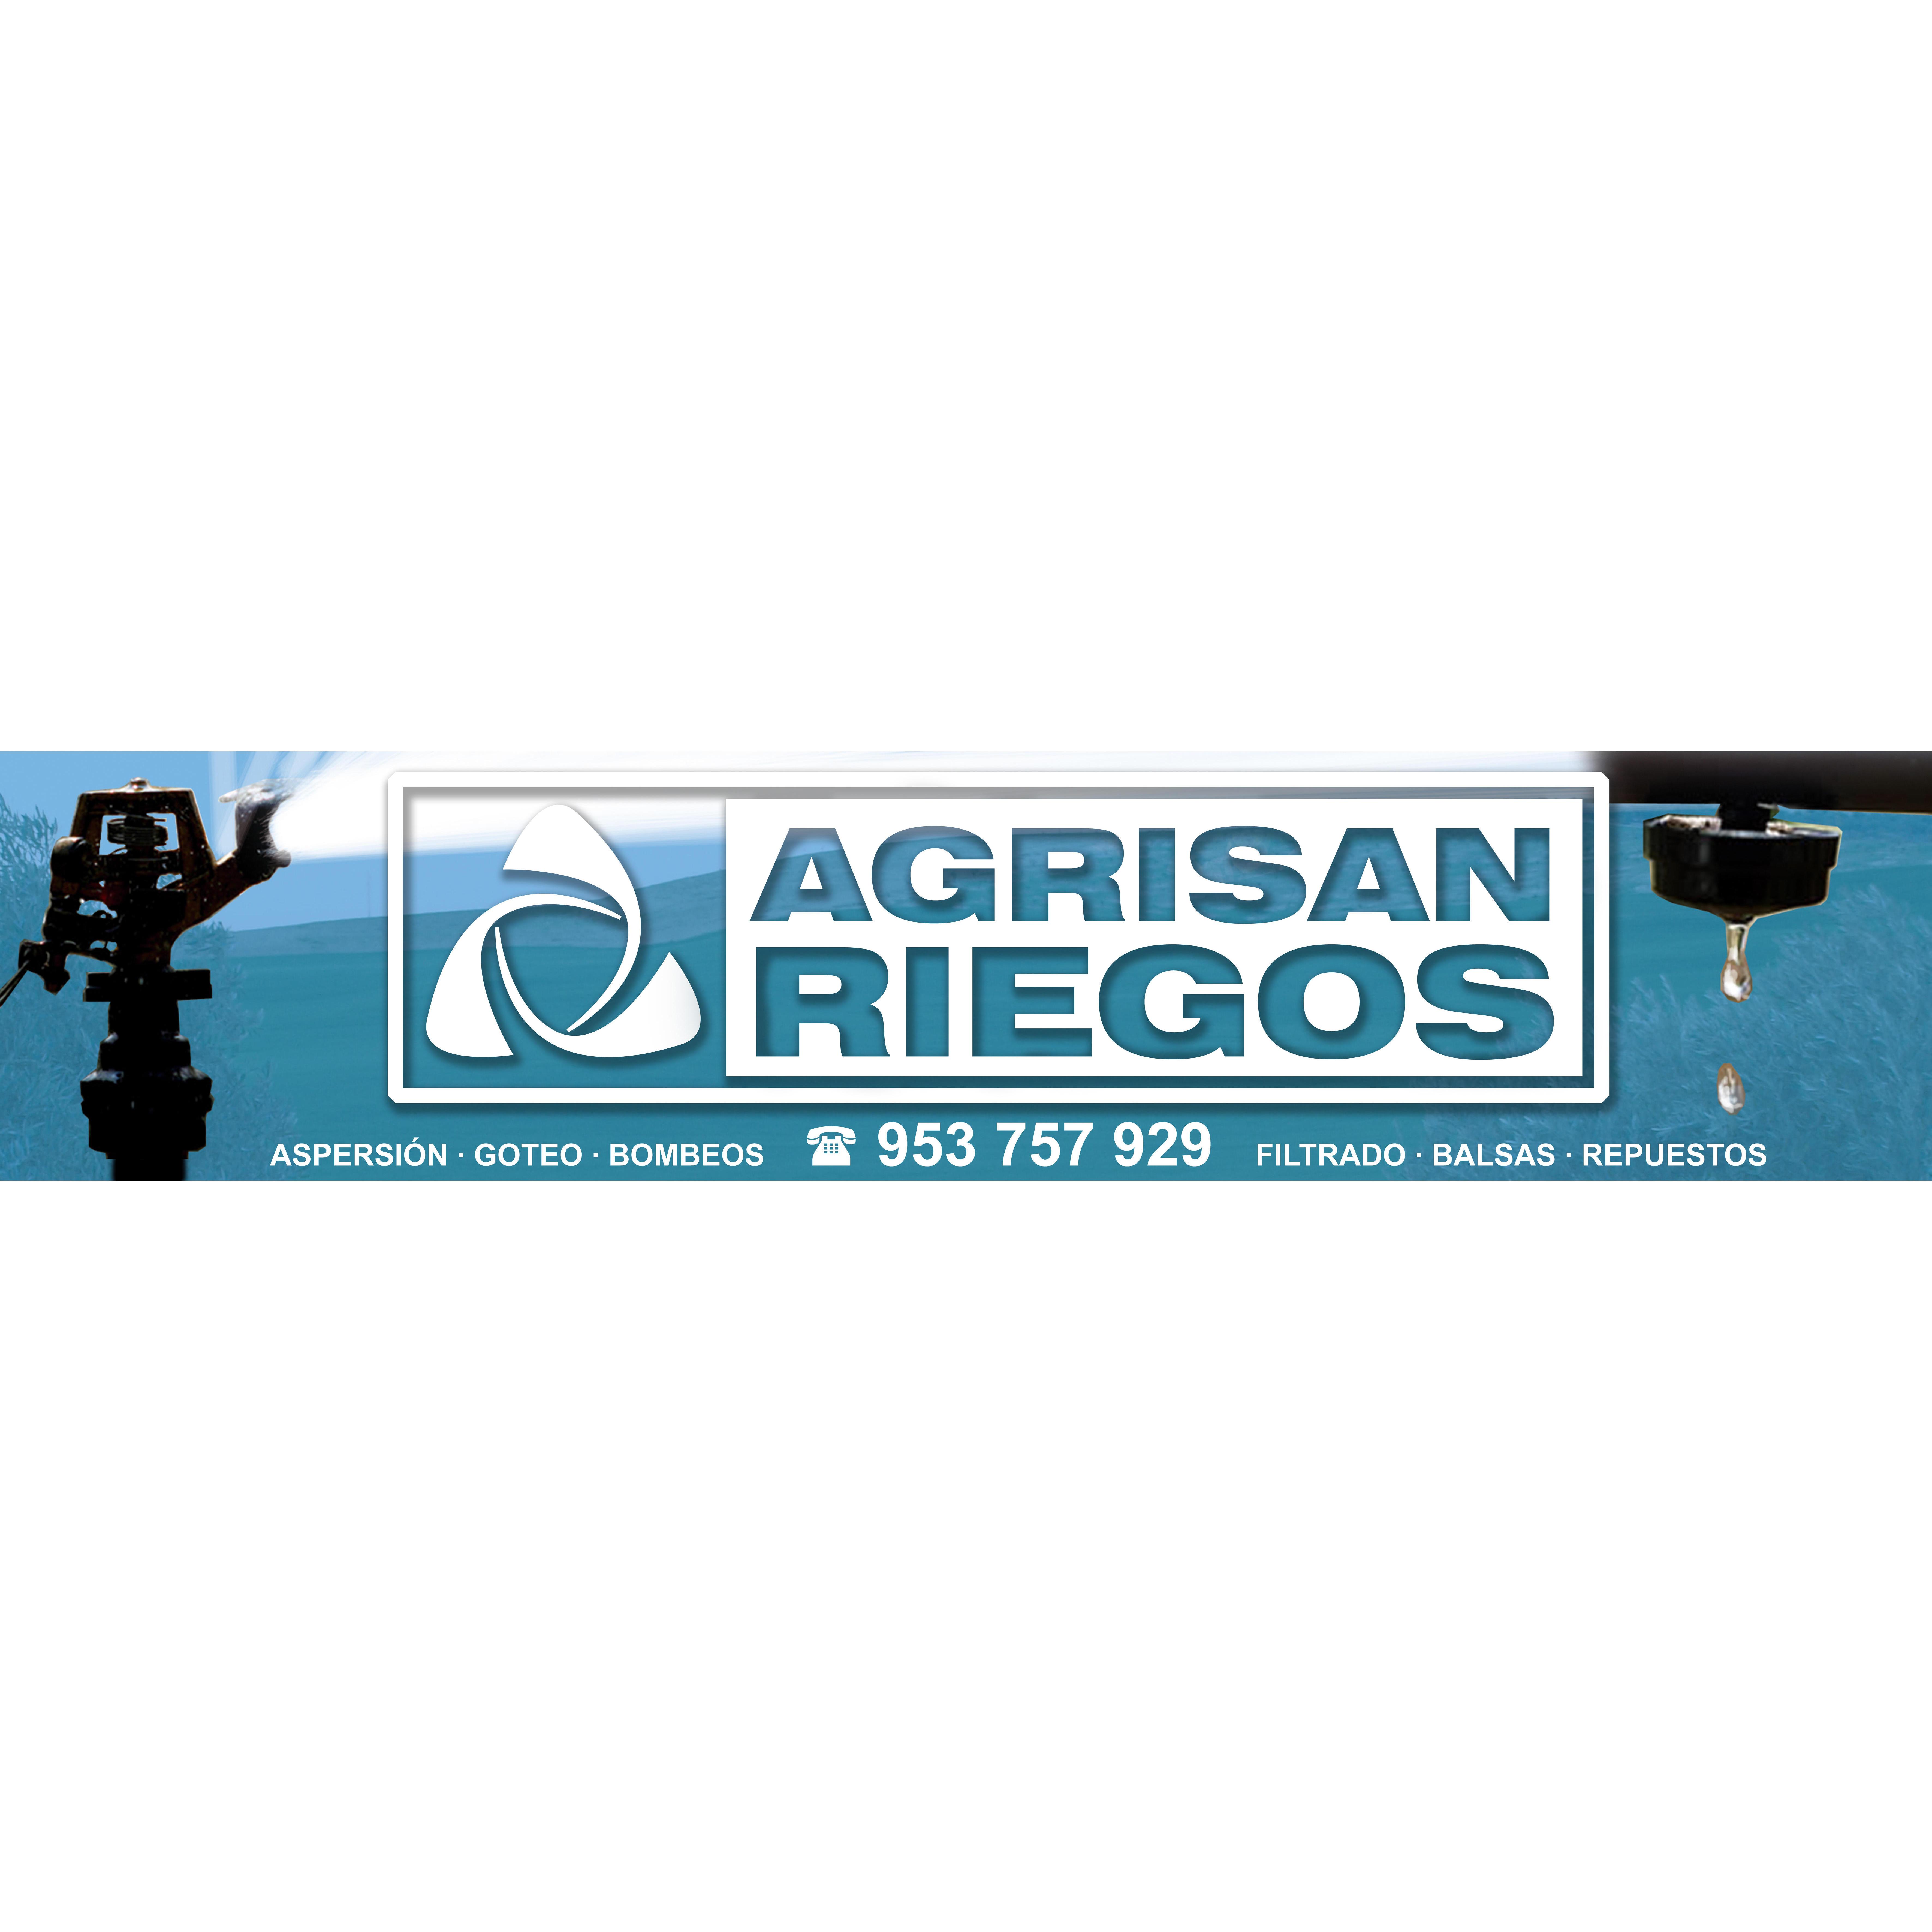 Agrisan Riegos